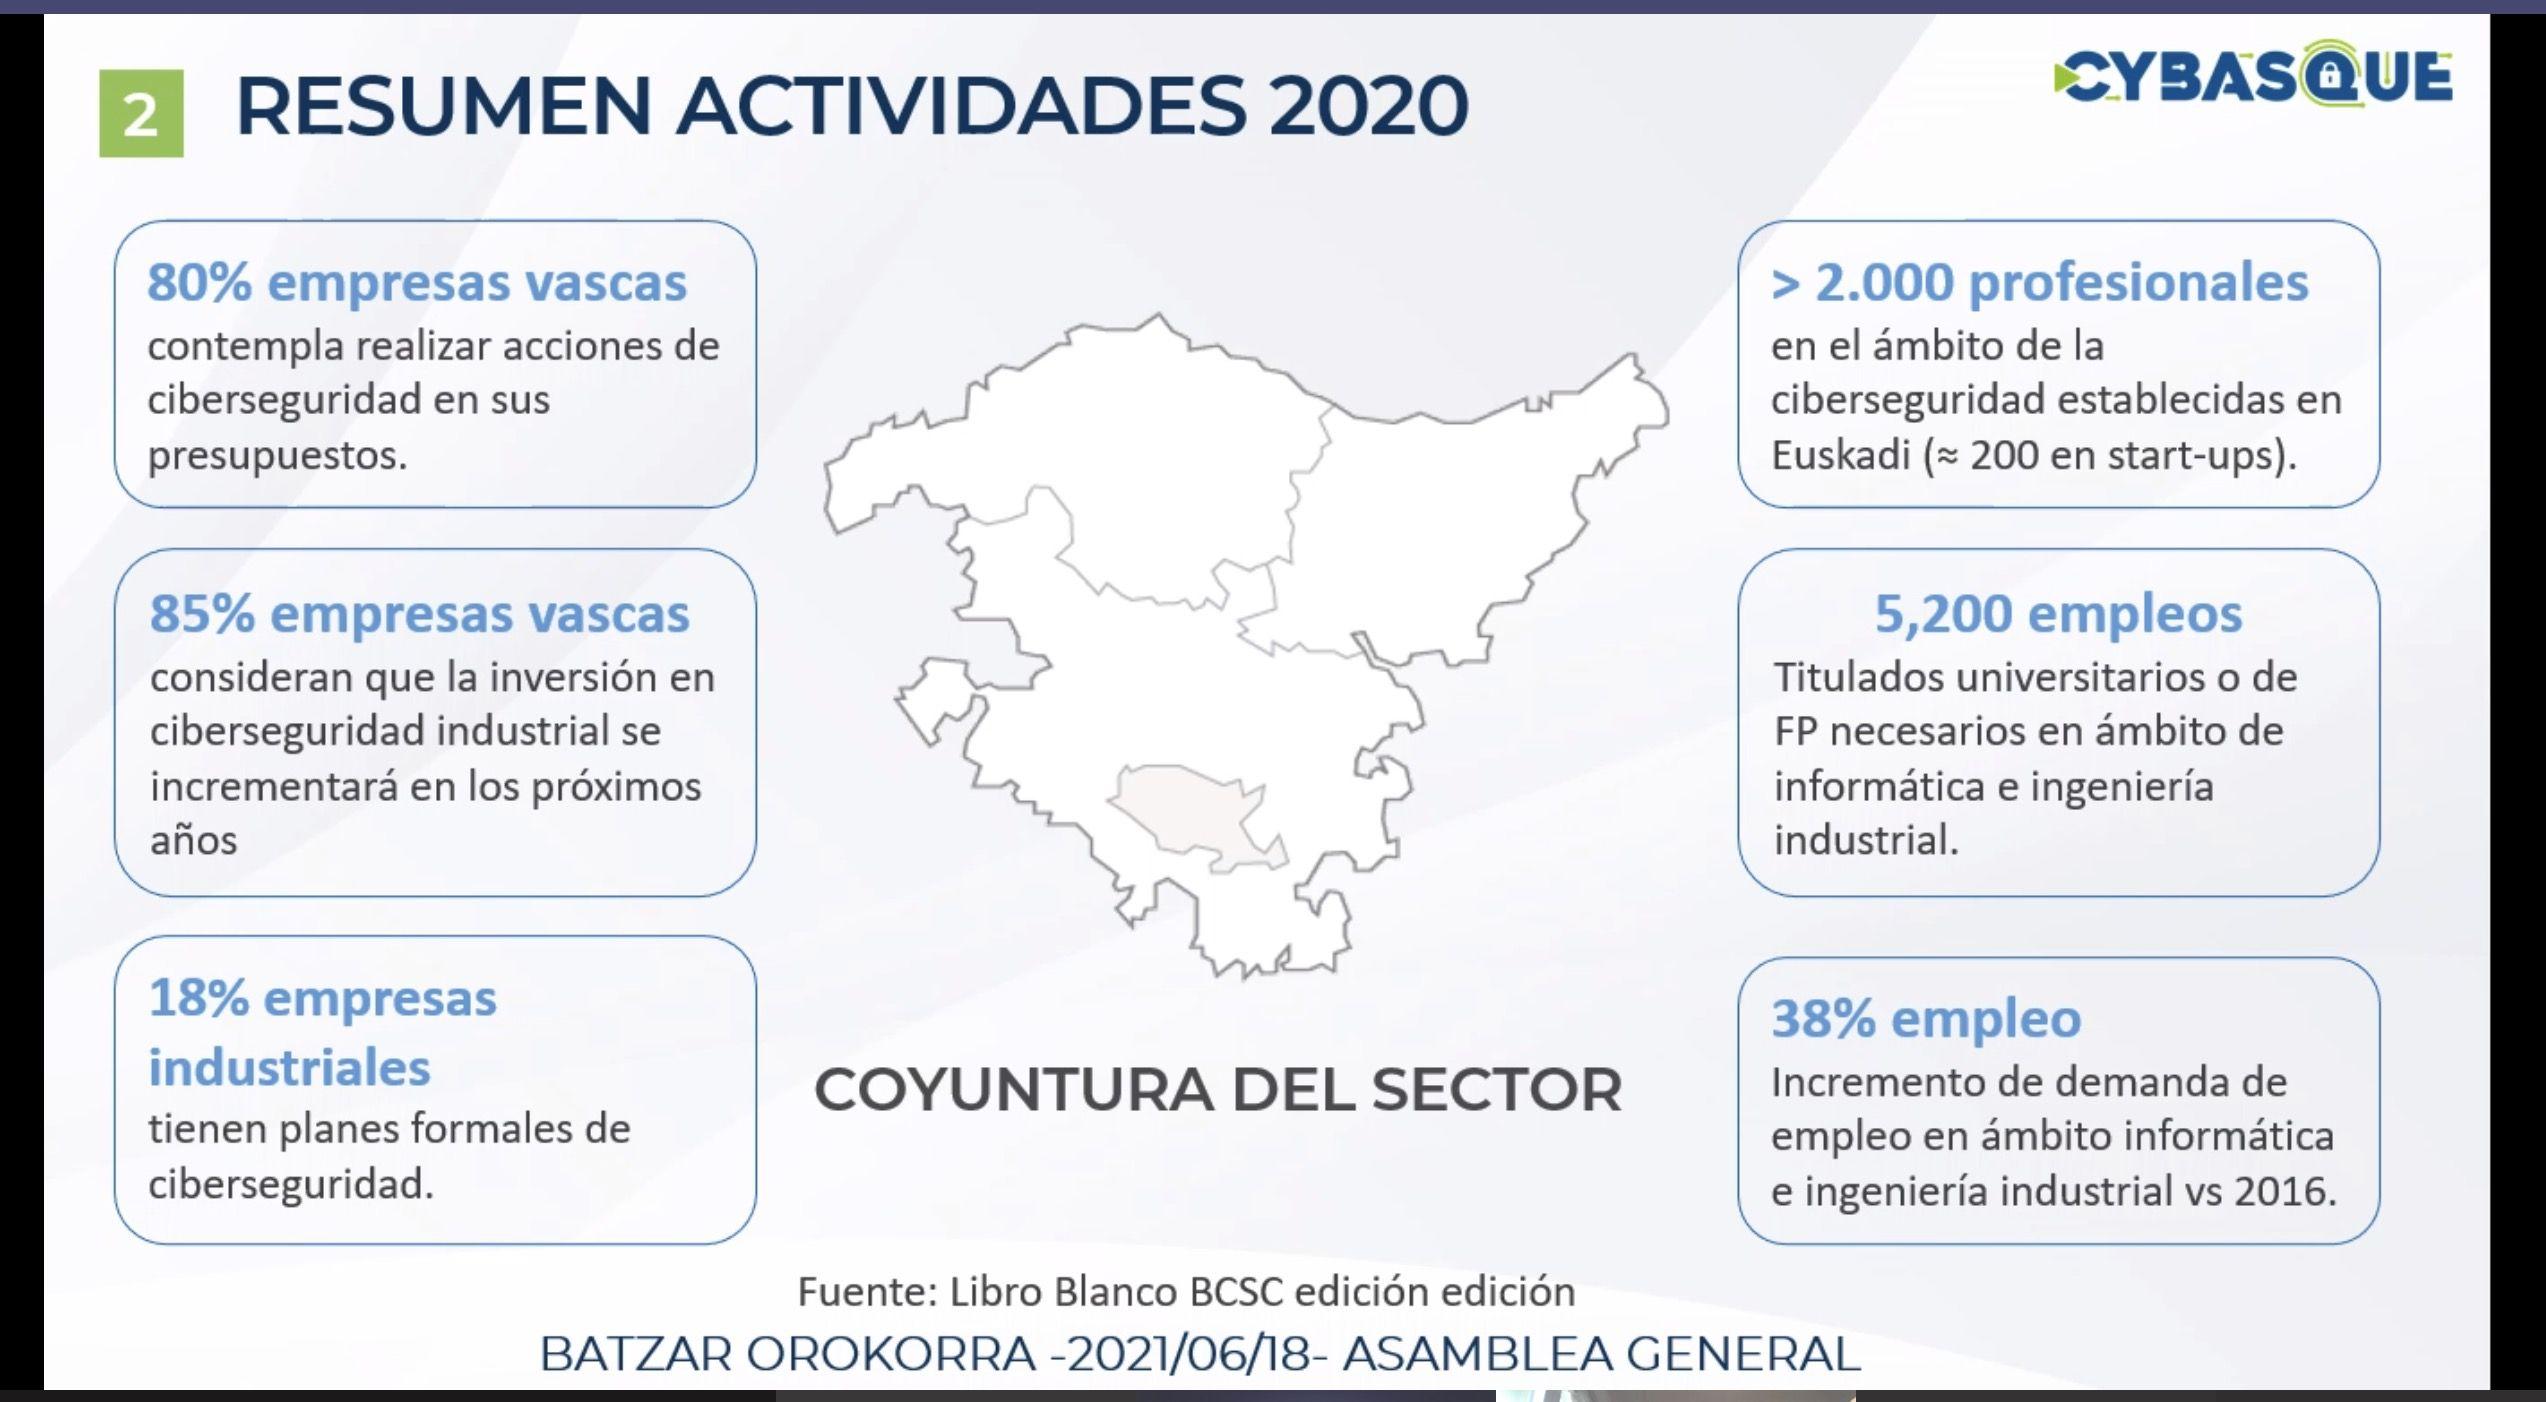 Cybasque suma 19 nuevos socios y apuesta por la incorporación de la ciberseguridad al resto de sectores